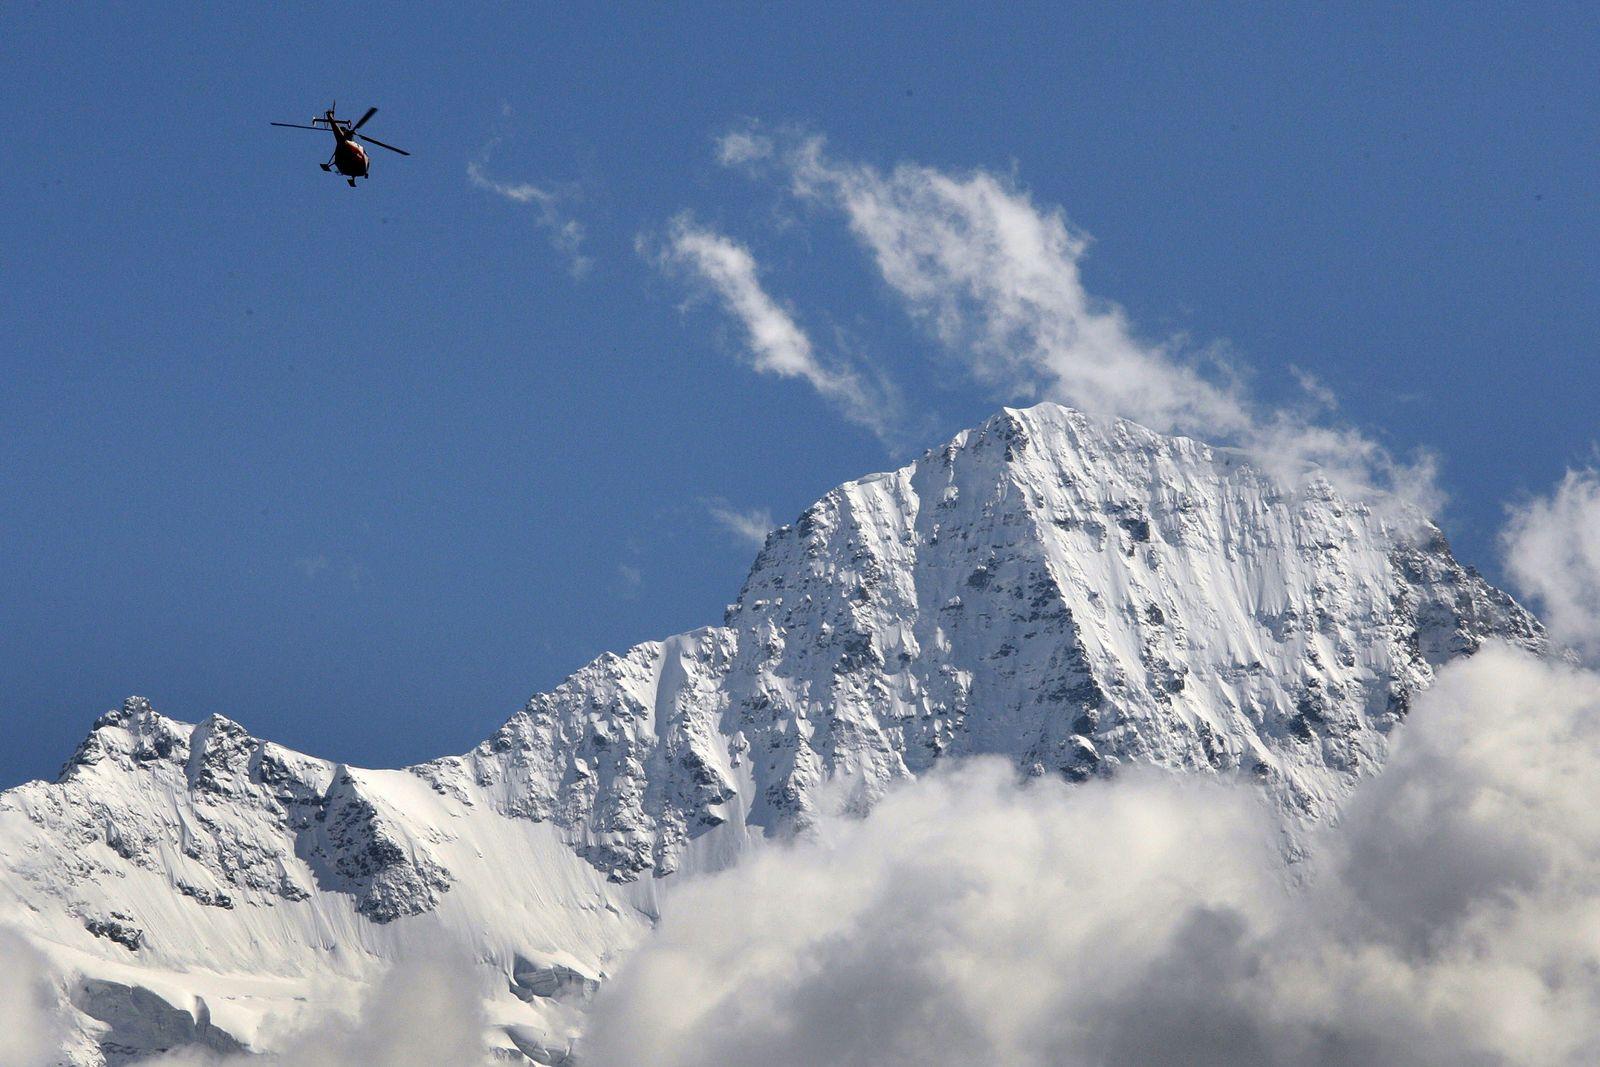 SWITZERLAND-CLIMATE-GLACIER-ALPS-FILES